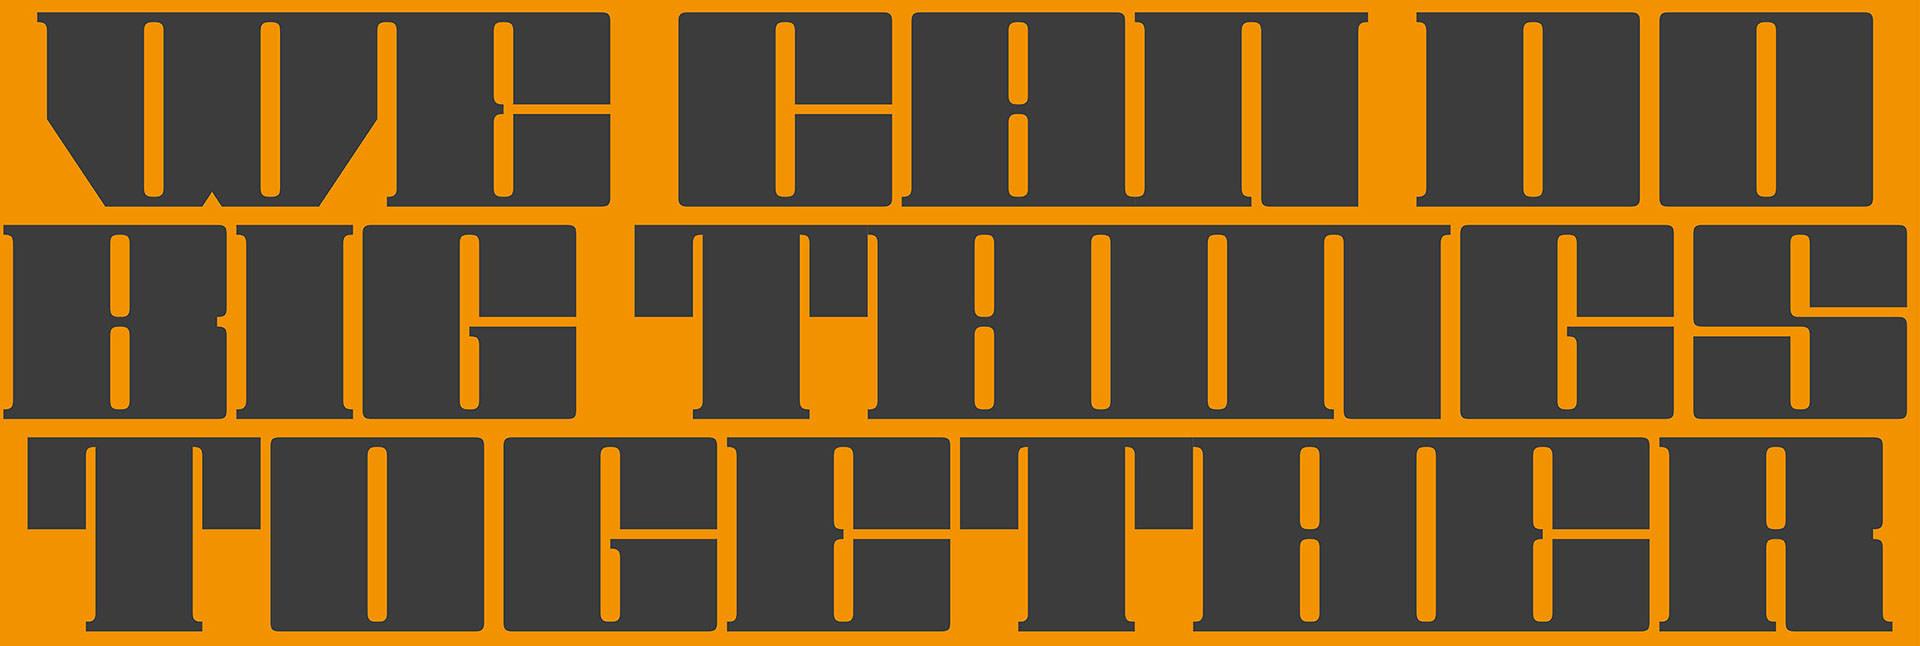 golem-free-font